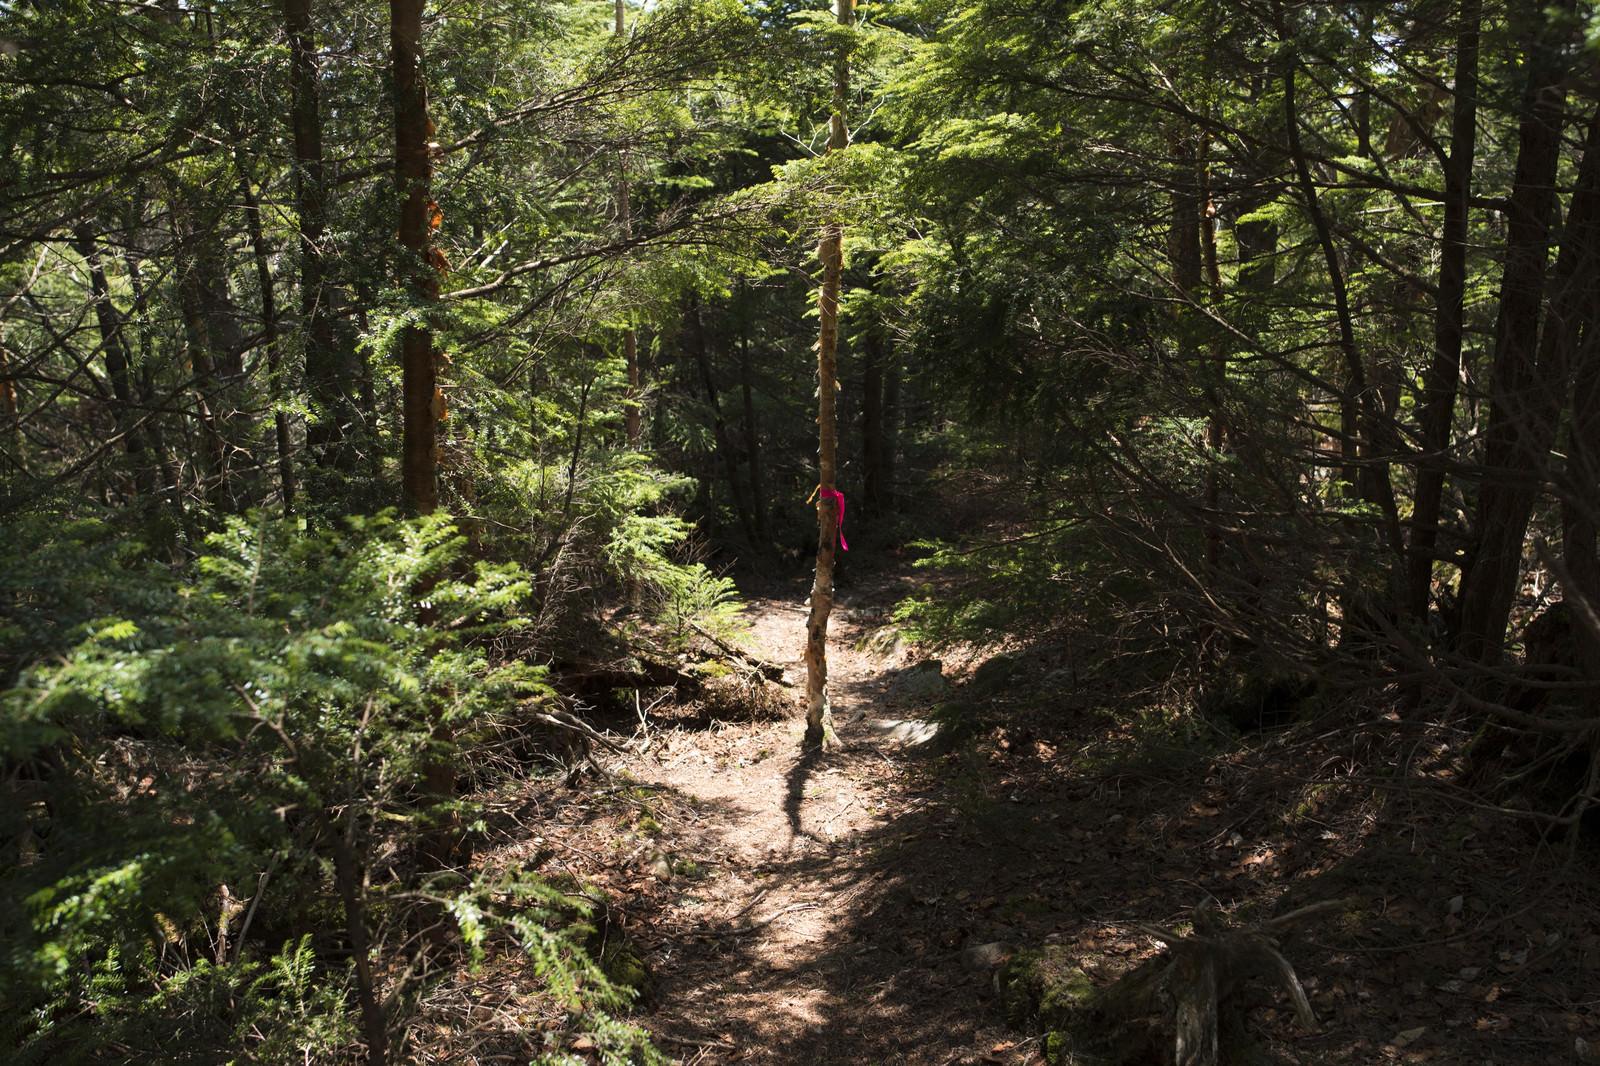 「登山道で目印のために貼られるピンクテープ」の写真